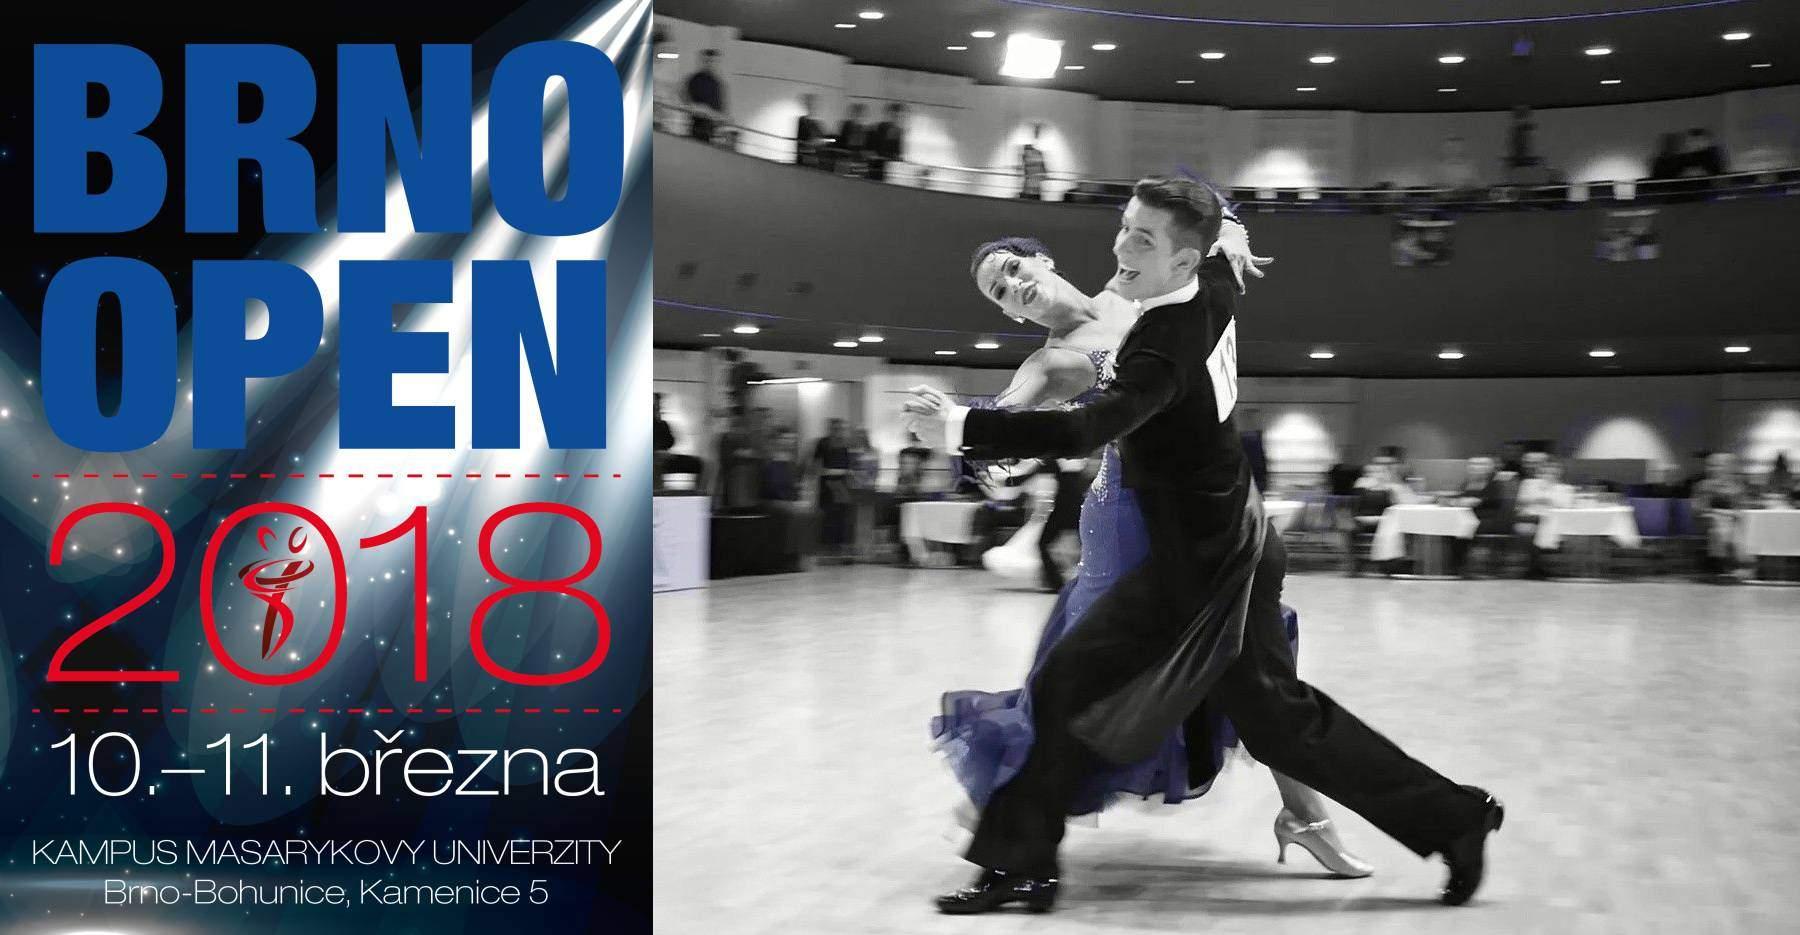 MODESI Brno Open 2018 Tara Bohak a David Odstrčil slide1_01